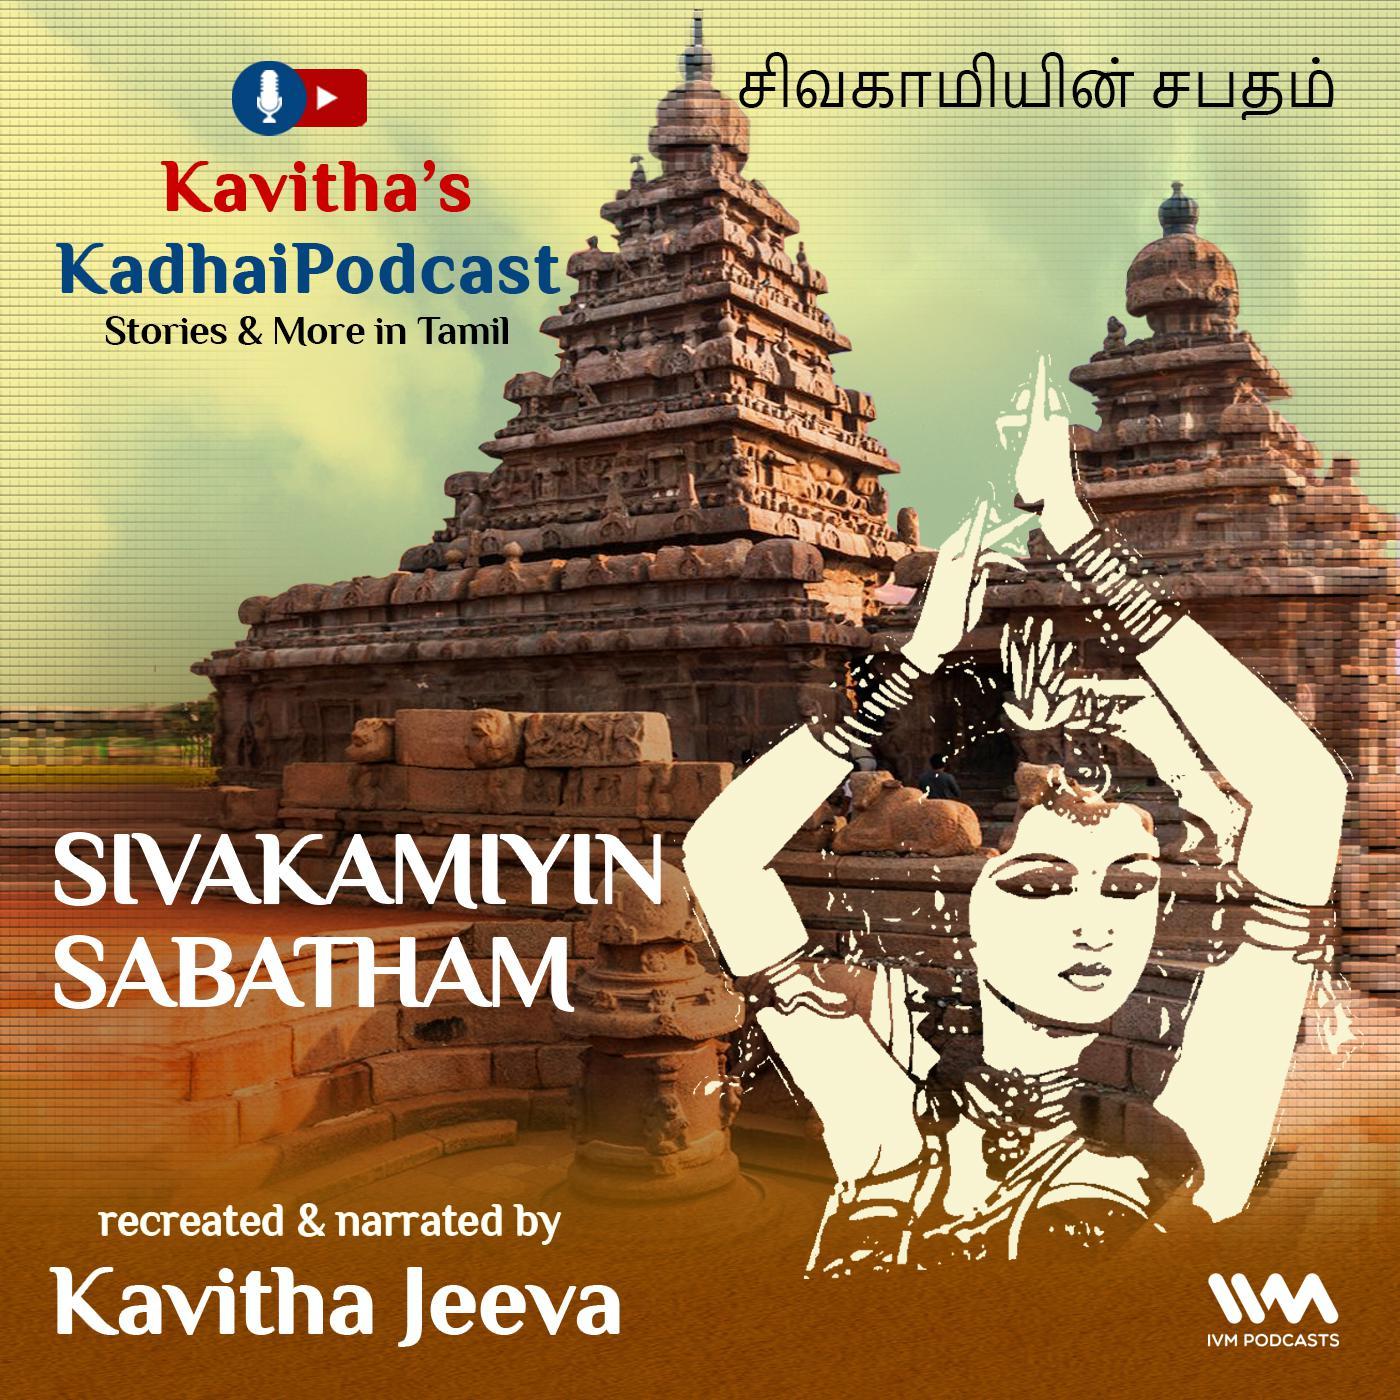 Sivakamiyin Sabatham Exclusive # 4